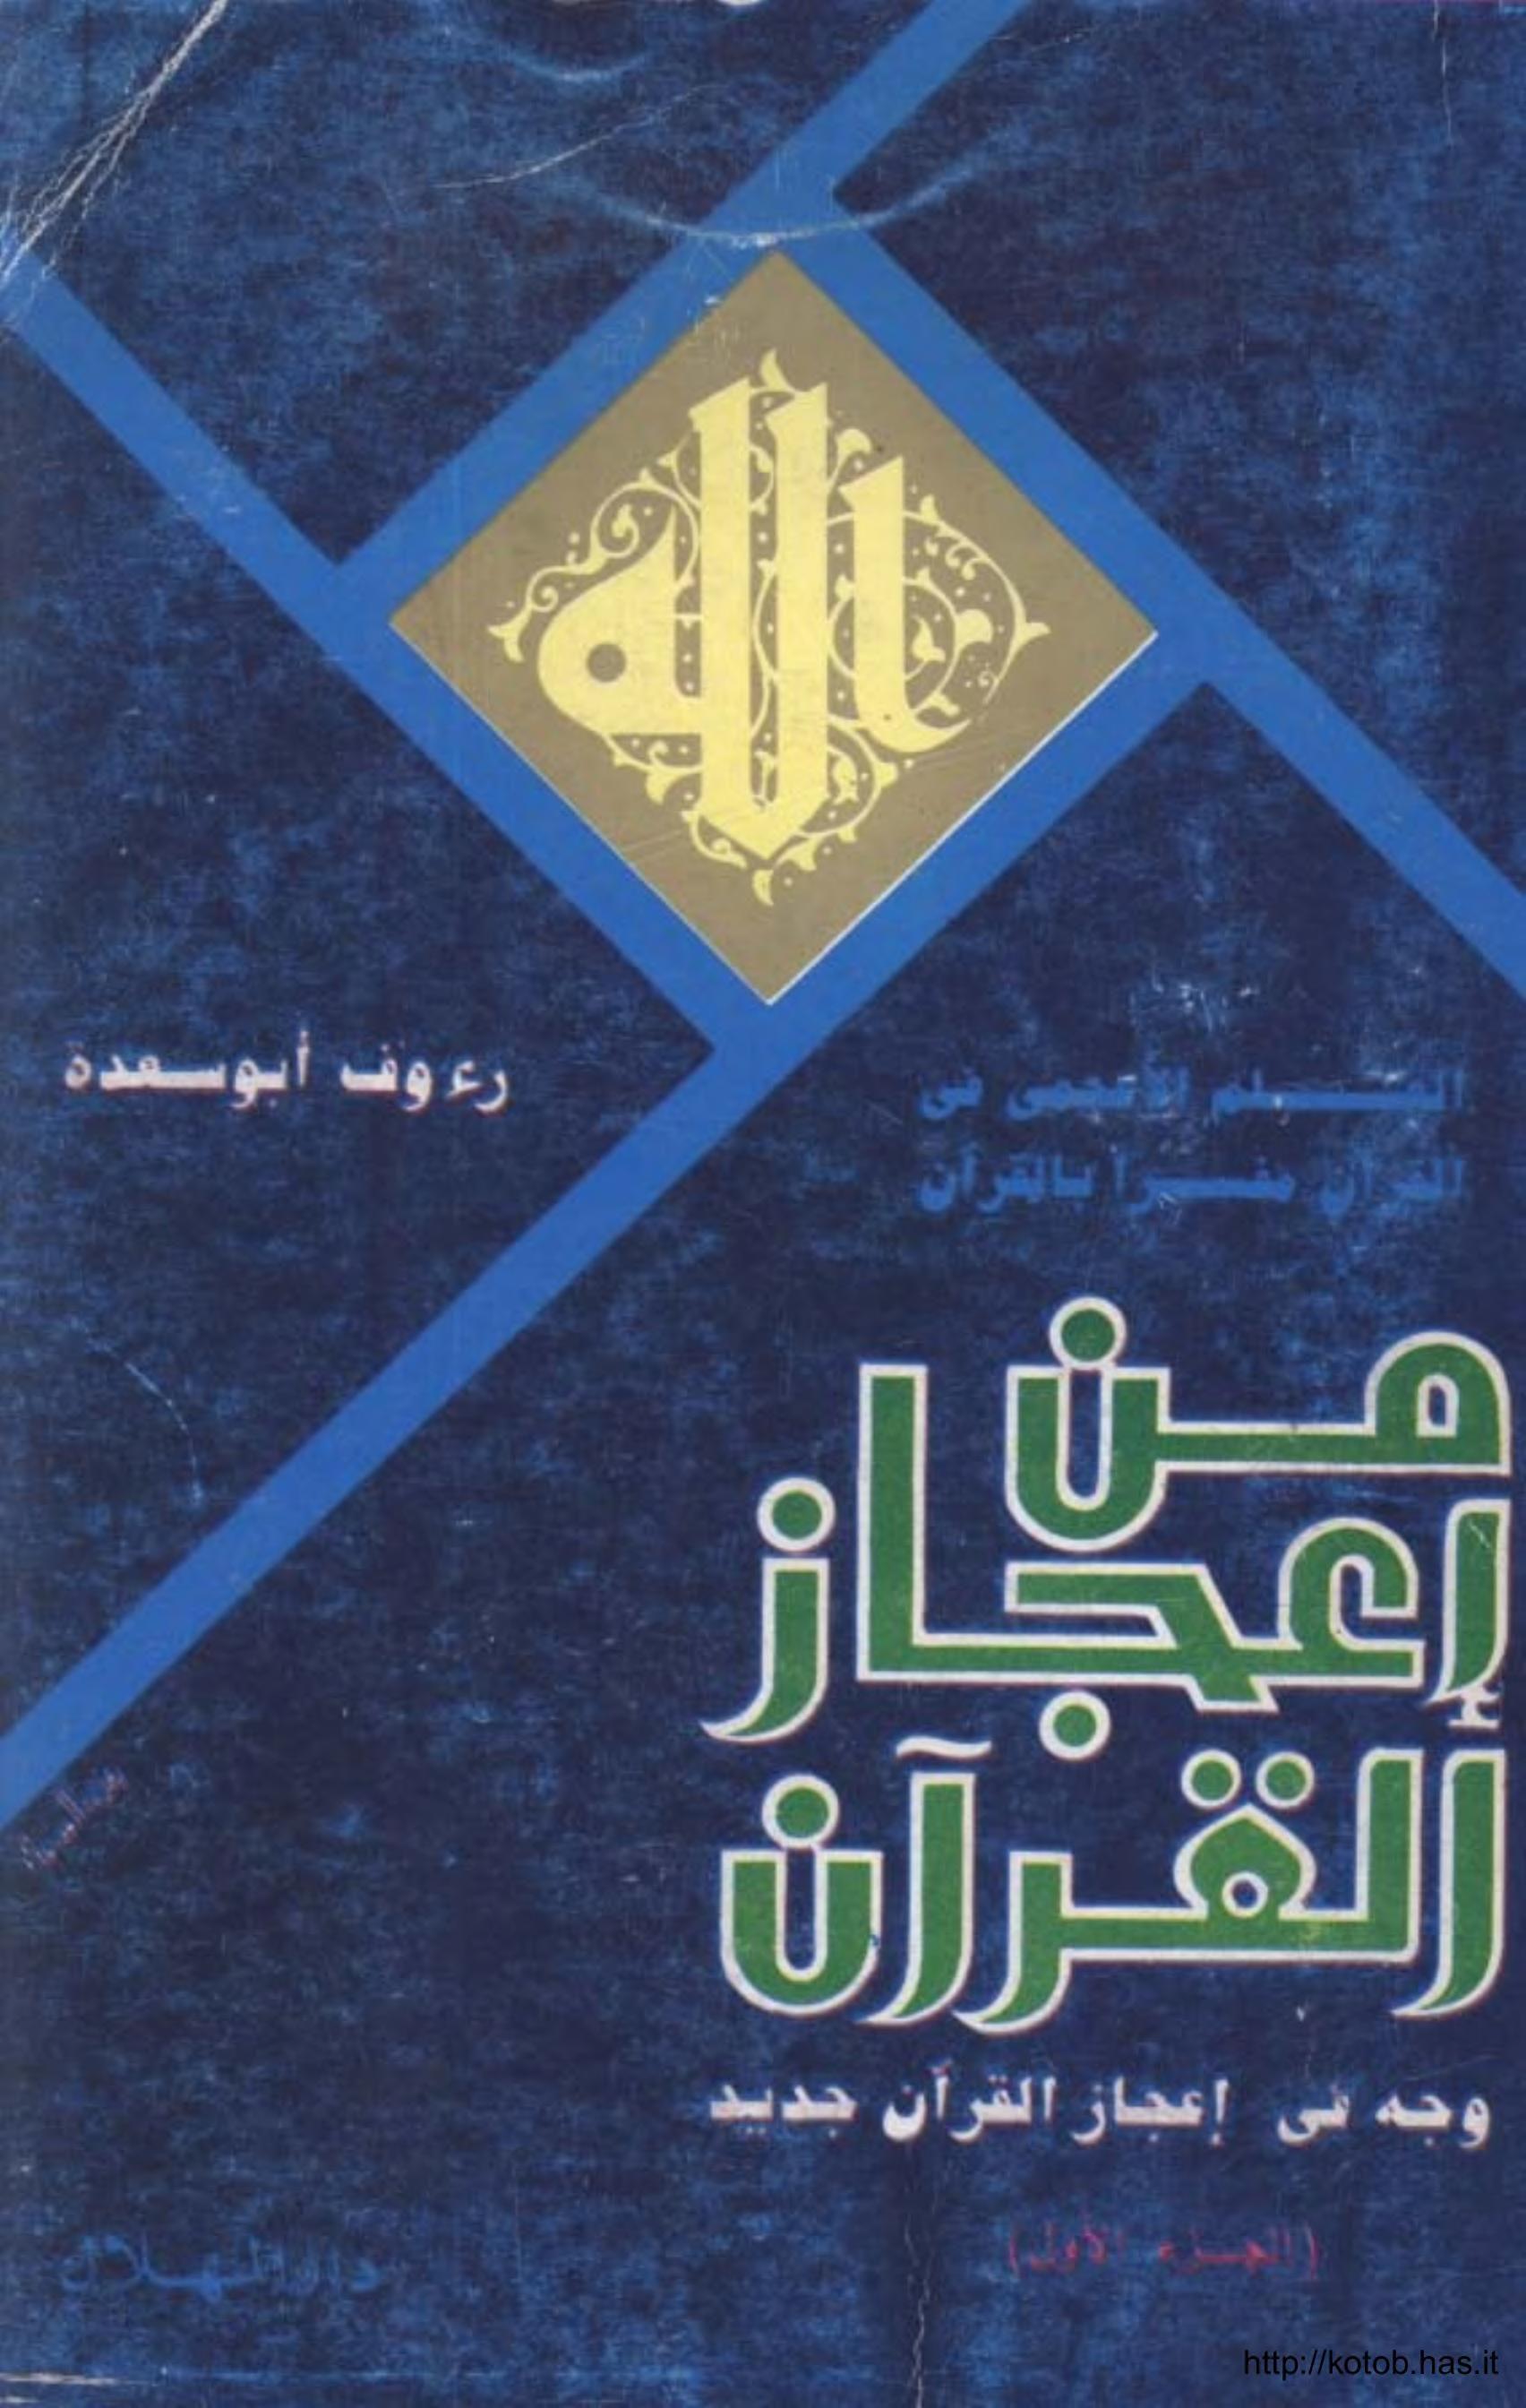 من إعجاز القرآن في أعجمي القرآن Free Download Borrow And Streaming Internet Archive Ex Quotes Internet Archive The Borrowers